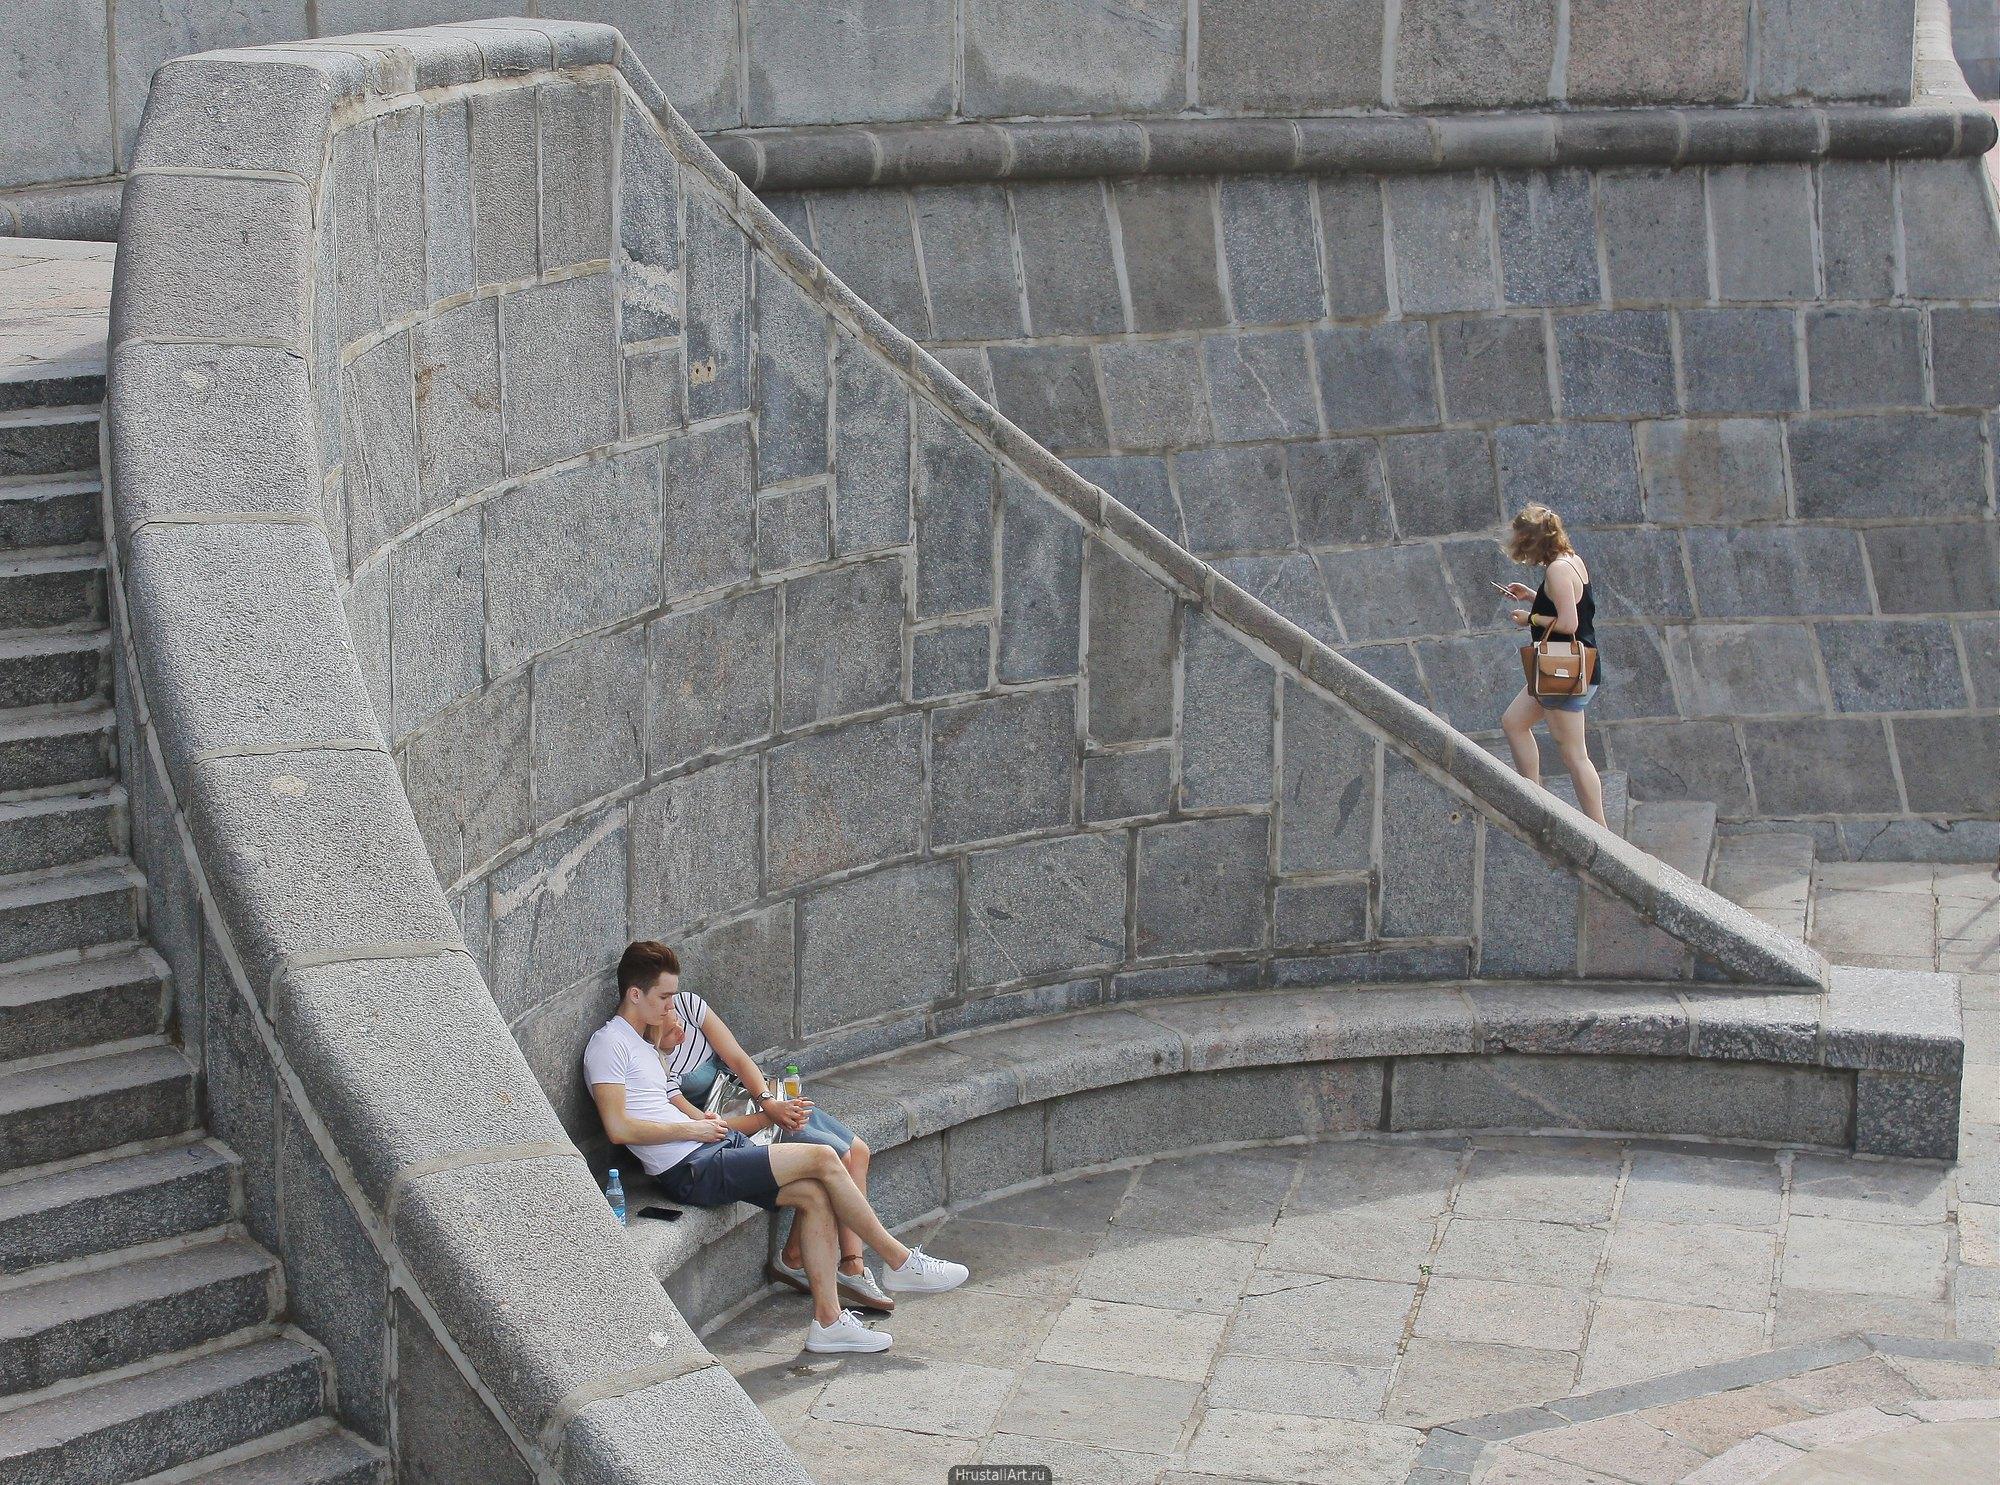 Изящная круговая лестница к причалу рядом с Андреевским мостом. Москва.